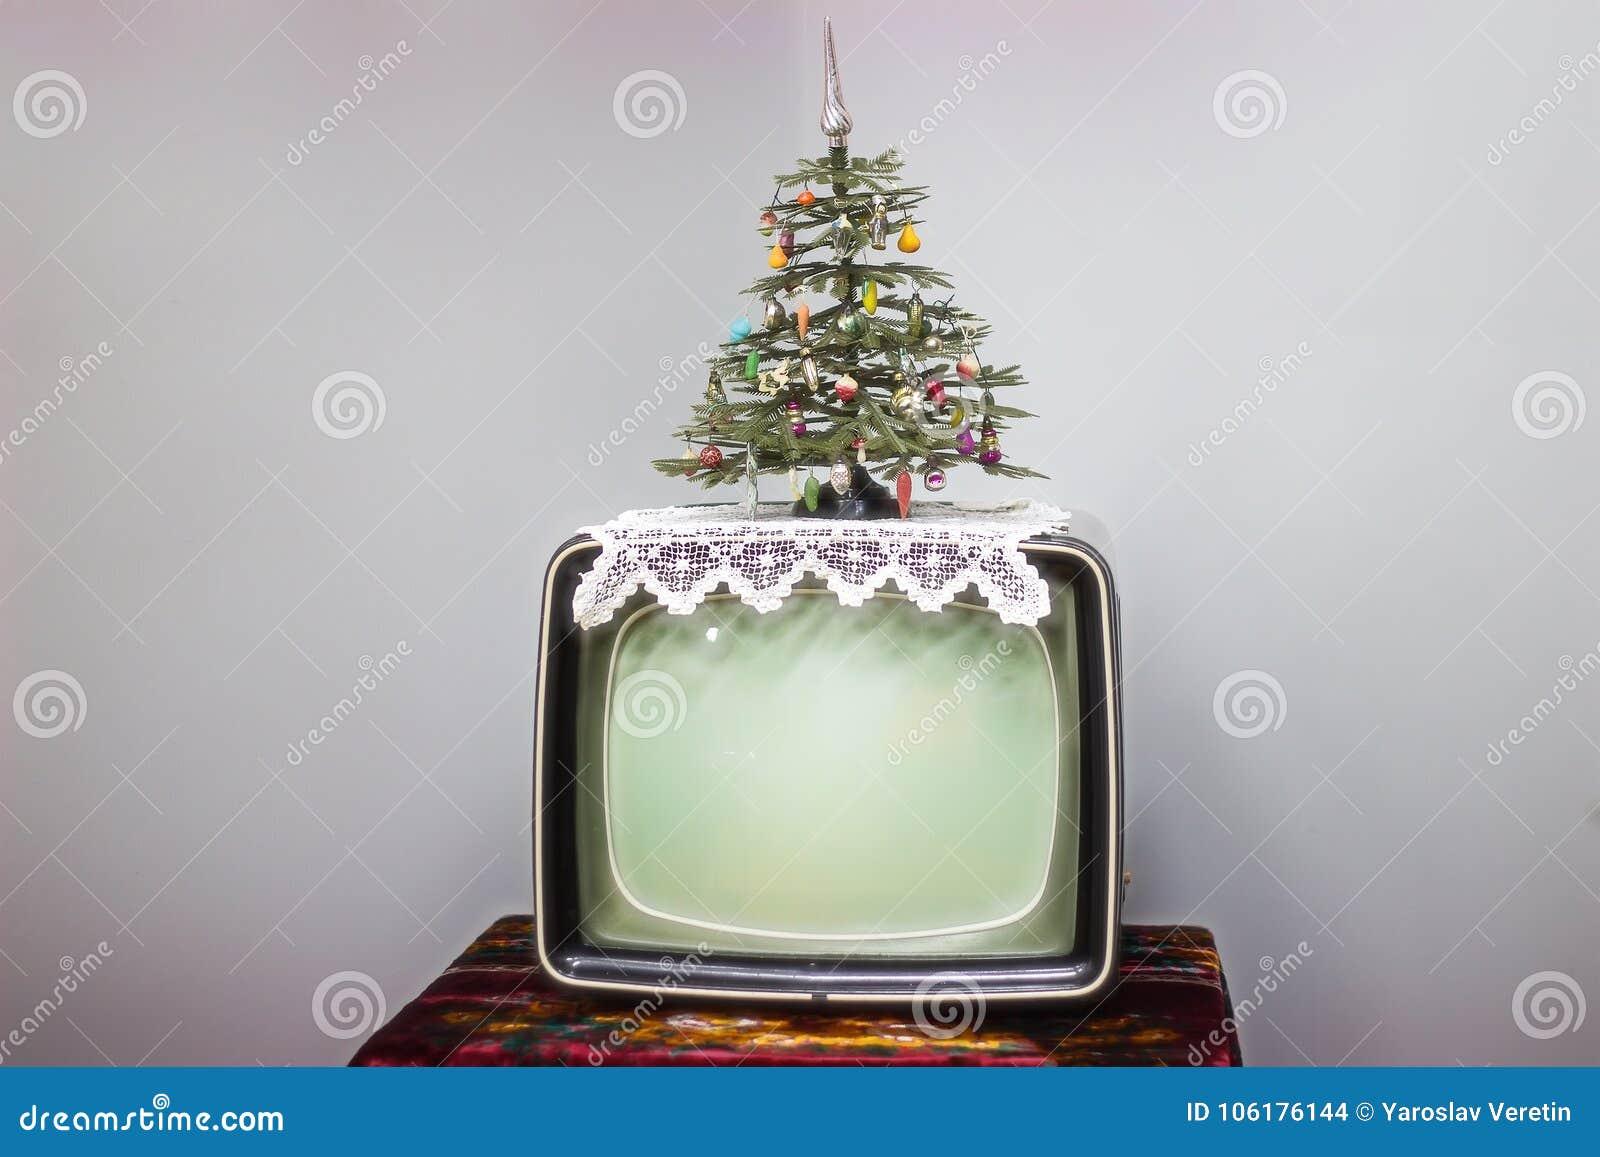 Fernsehen, Weihnachtsbaum